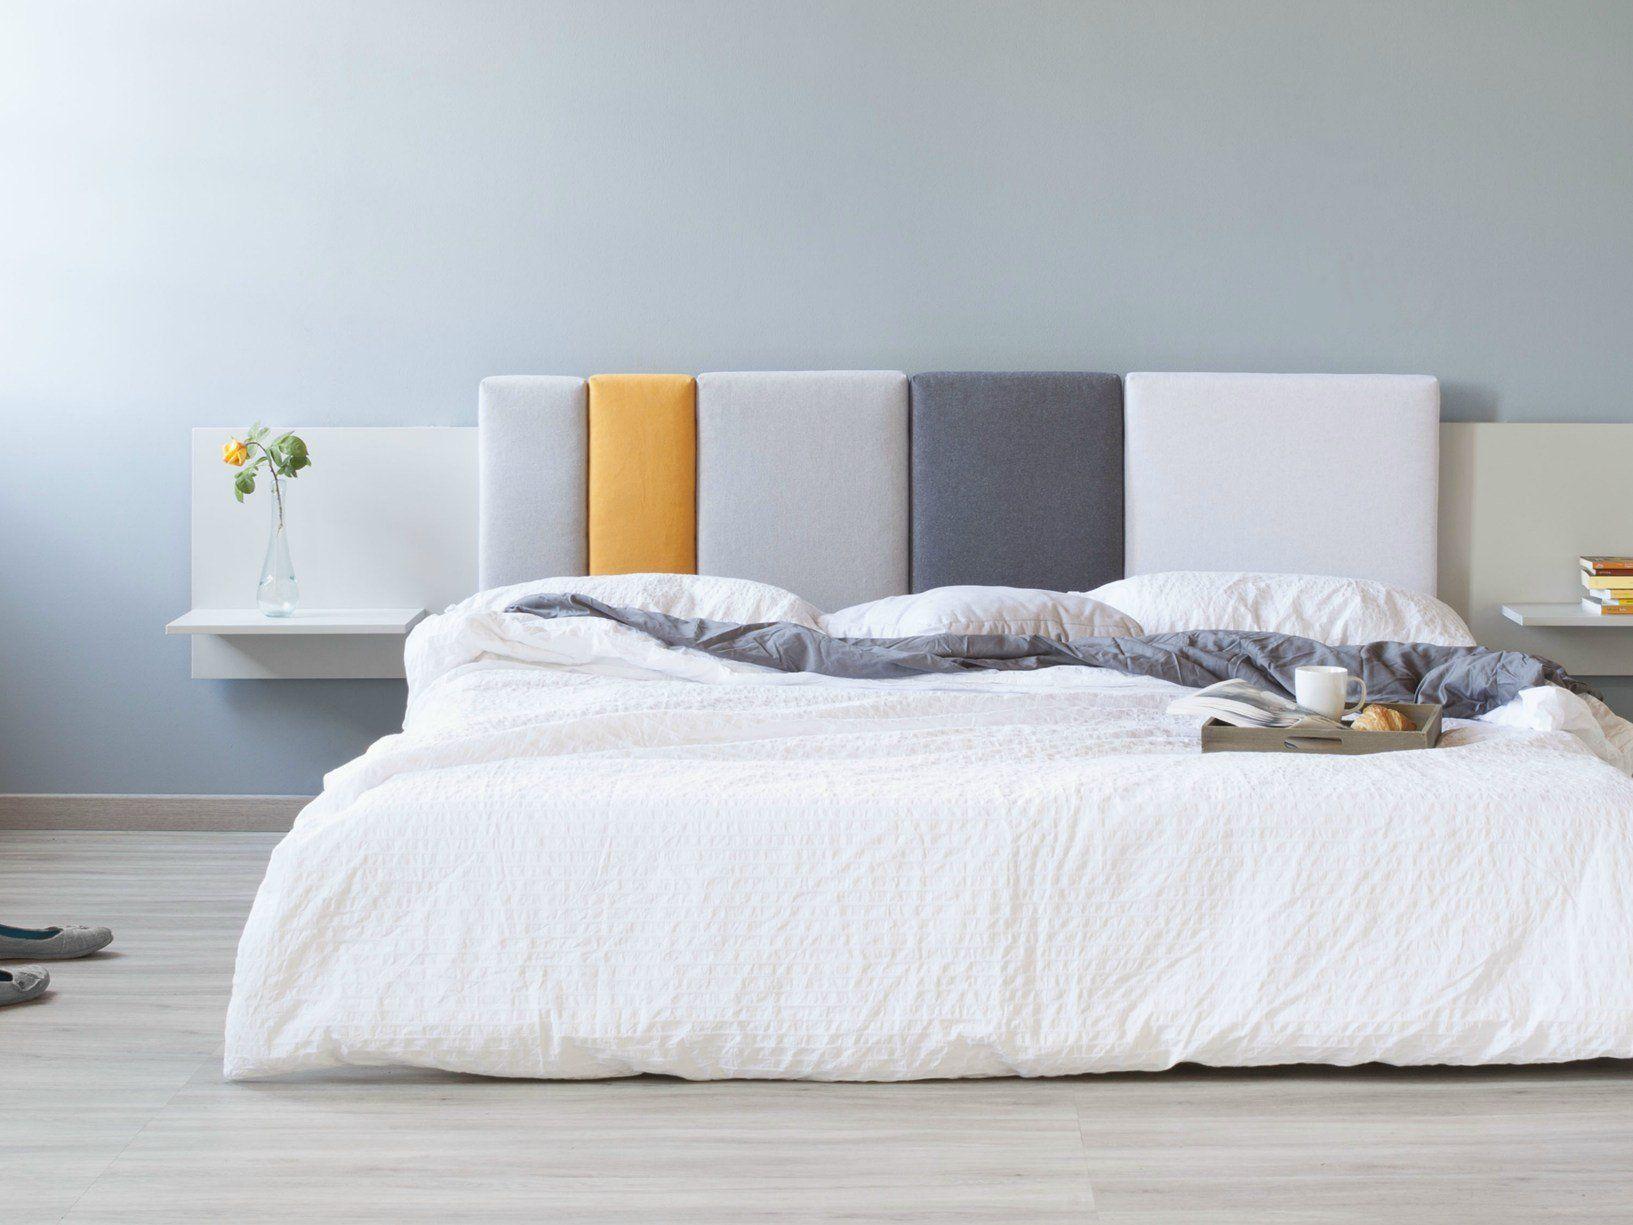 Letto Con Portacuscini : Divani letto contenitore lusso divano letto con chaise longue